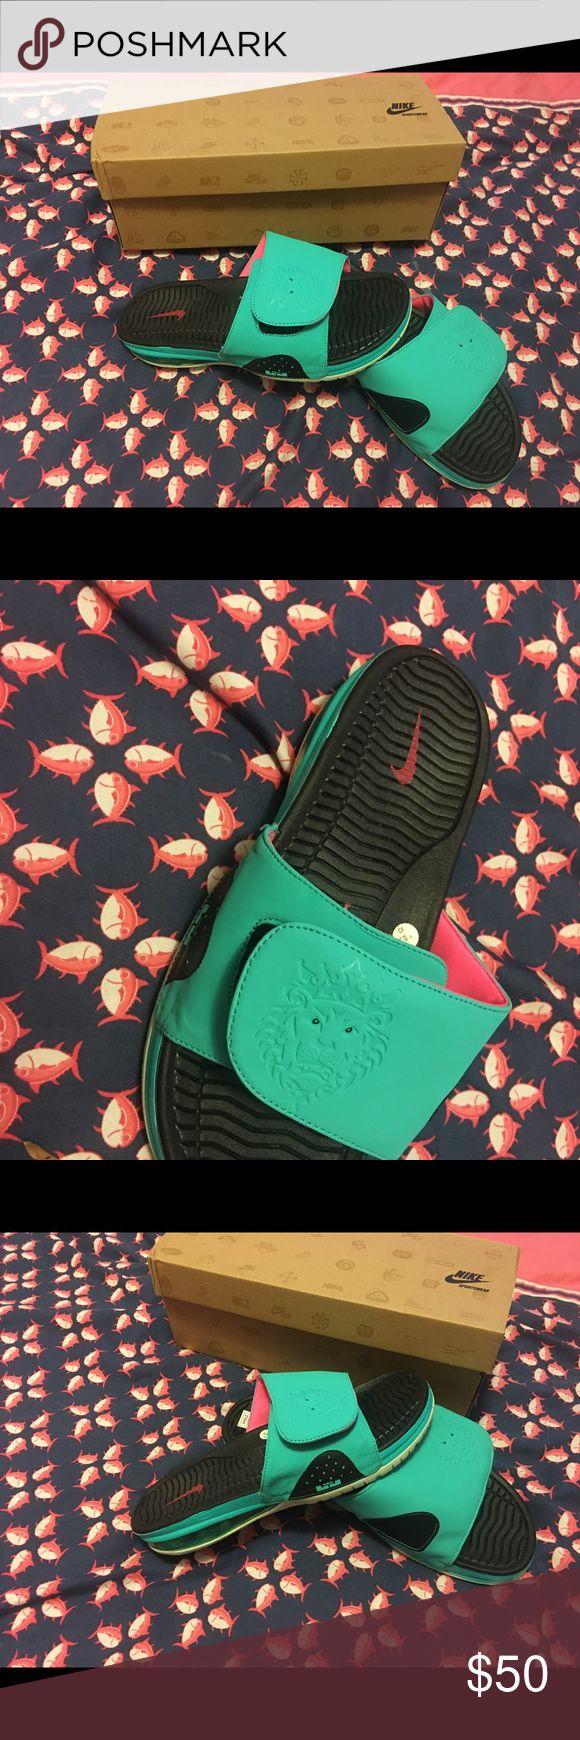 Slippers Nike lebron James Selling Nike lebron James unisex, size 7.5 new Nike Shoes